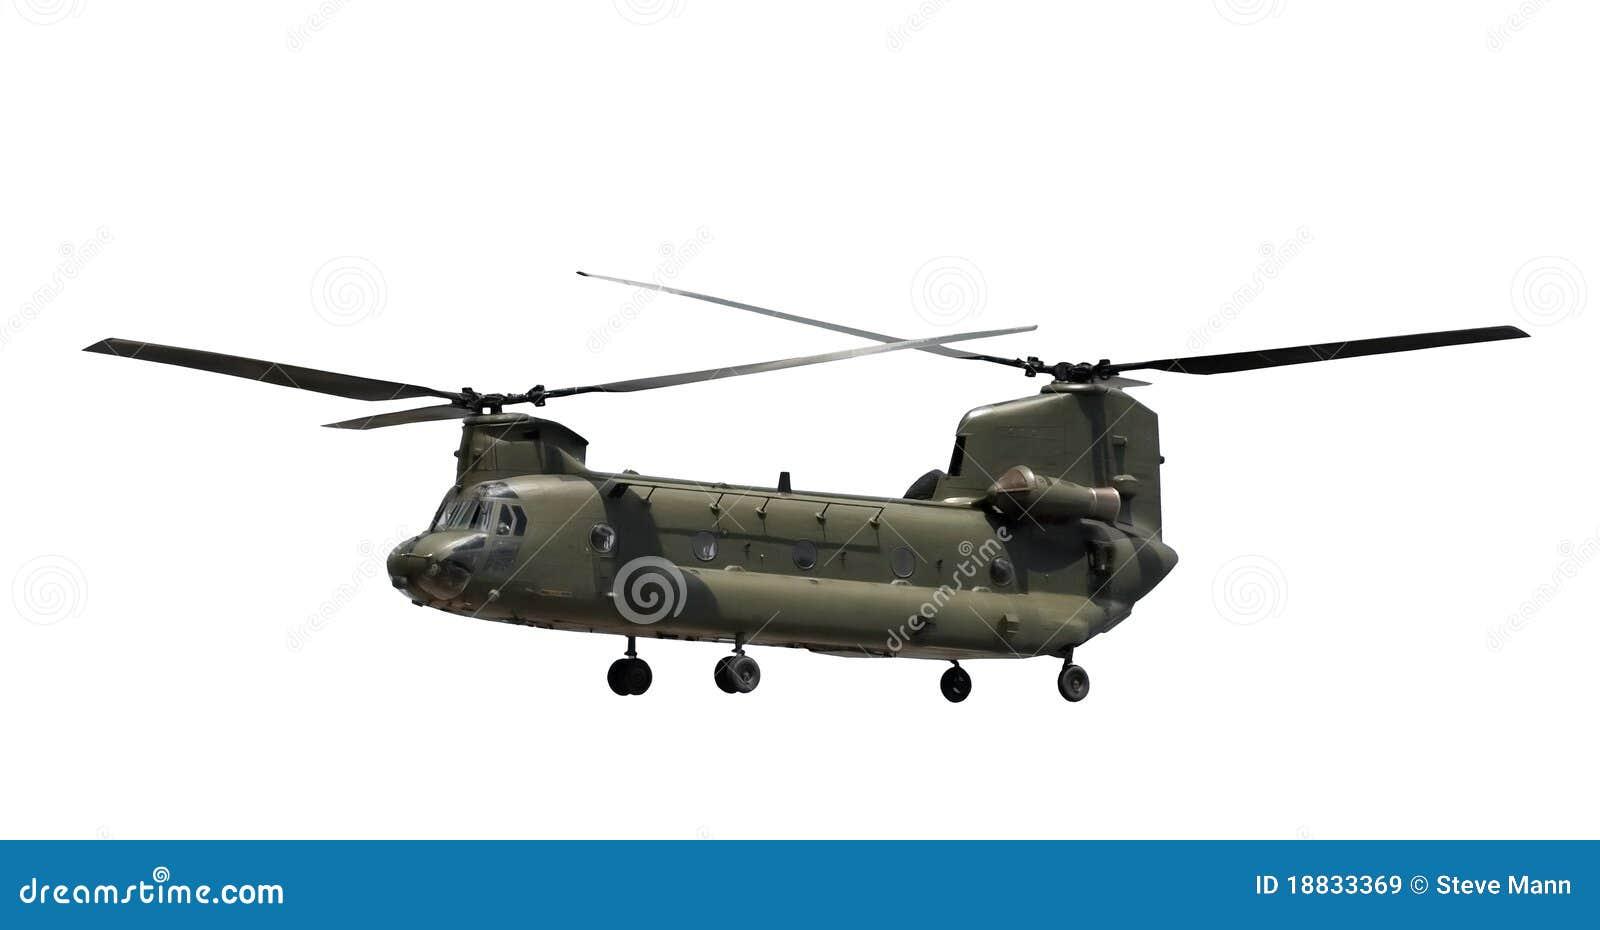 Elicottero Militare : Elicottero militare immagini stock libere da diritti